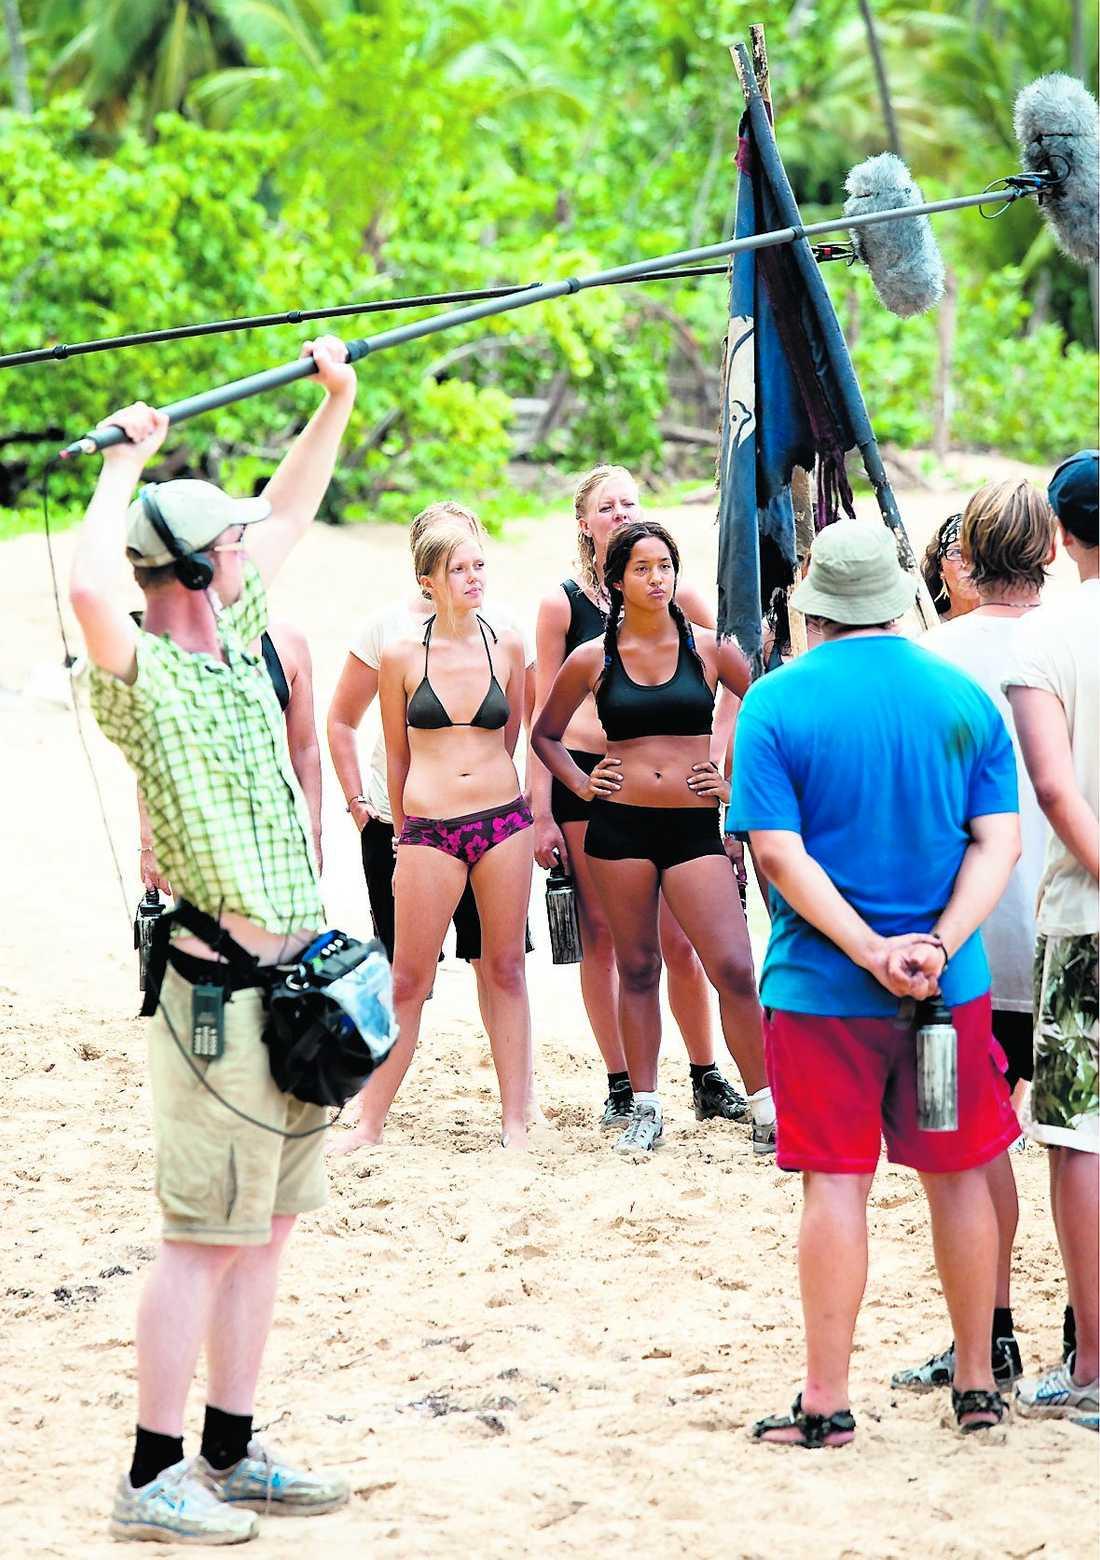 """SNABB UTSLAGNING Så här såg det ut när """"Robinson Karibien"""" spelades in förra sommaren. Nästa säsong kan ön bli riktigt öde. Alla som sökt har försvunnit i cyberrymden."""